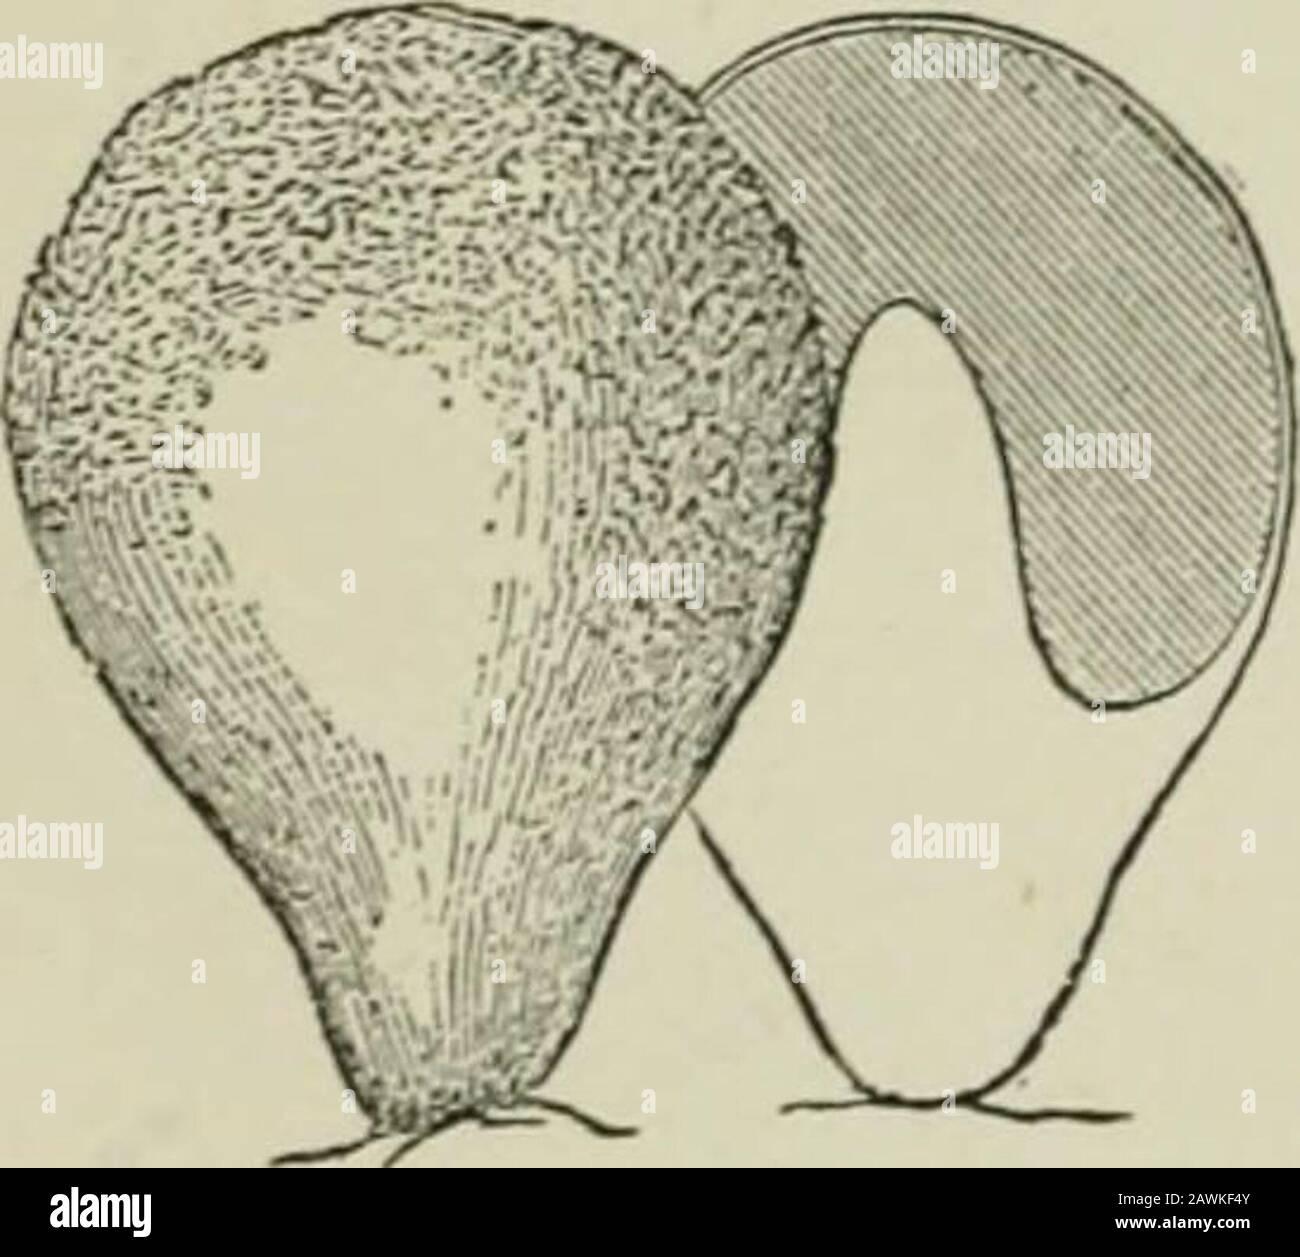 Einführung in die Untersuchung von Pilzen: Ihre Organographie, Klassifizierung und Verteilung für die Verwendung von Sammlern . riesenartig von Polystictus und anderen oben genannten. Die nächste Form des Gefäßes, das adduced werden soll, ist das Peridium, das die Fortpflanzungsorgane vollständig umschließt, und Mayauch auf einem ausgeprägten Karpophore unterstützt wird, oder es kann wie bei einigen Subterraneanarten Sessileon das Myzel sein oder von diesem investiert werden. Die Gastromyceten versorgen diese Art von Gefäß, das sehr oft doppelt, typicallyglobose, der Außenmantel oder das Exoperidiumsein ist eine Fortsetzung des Cortexons der Karpophore, wenn Stockfoto